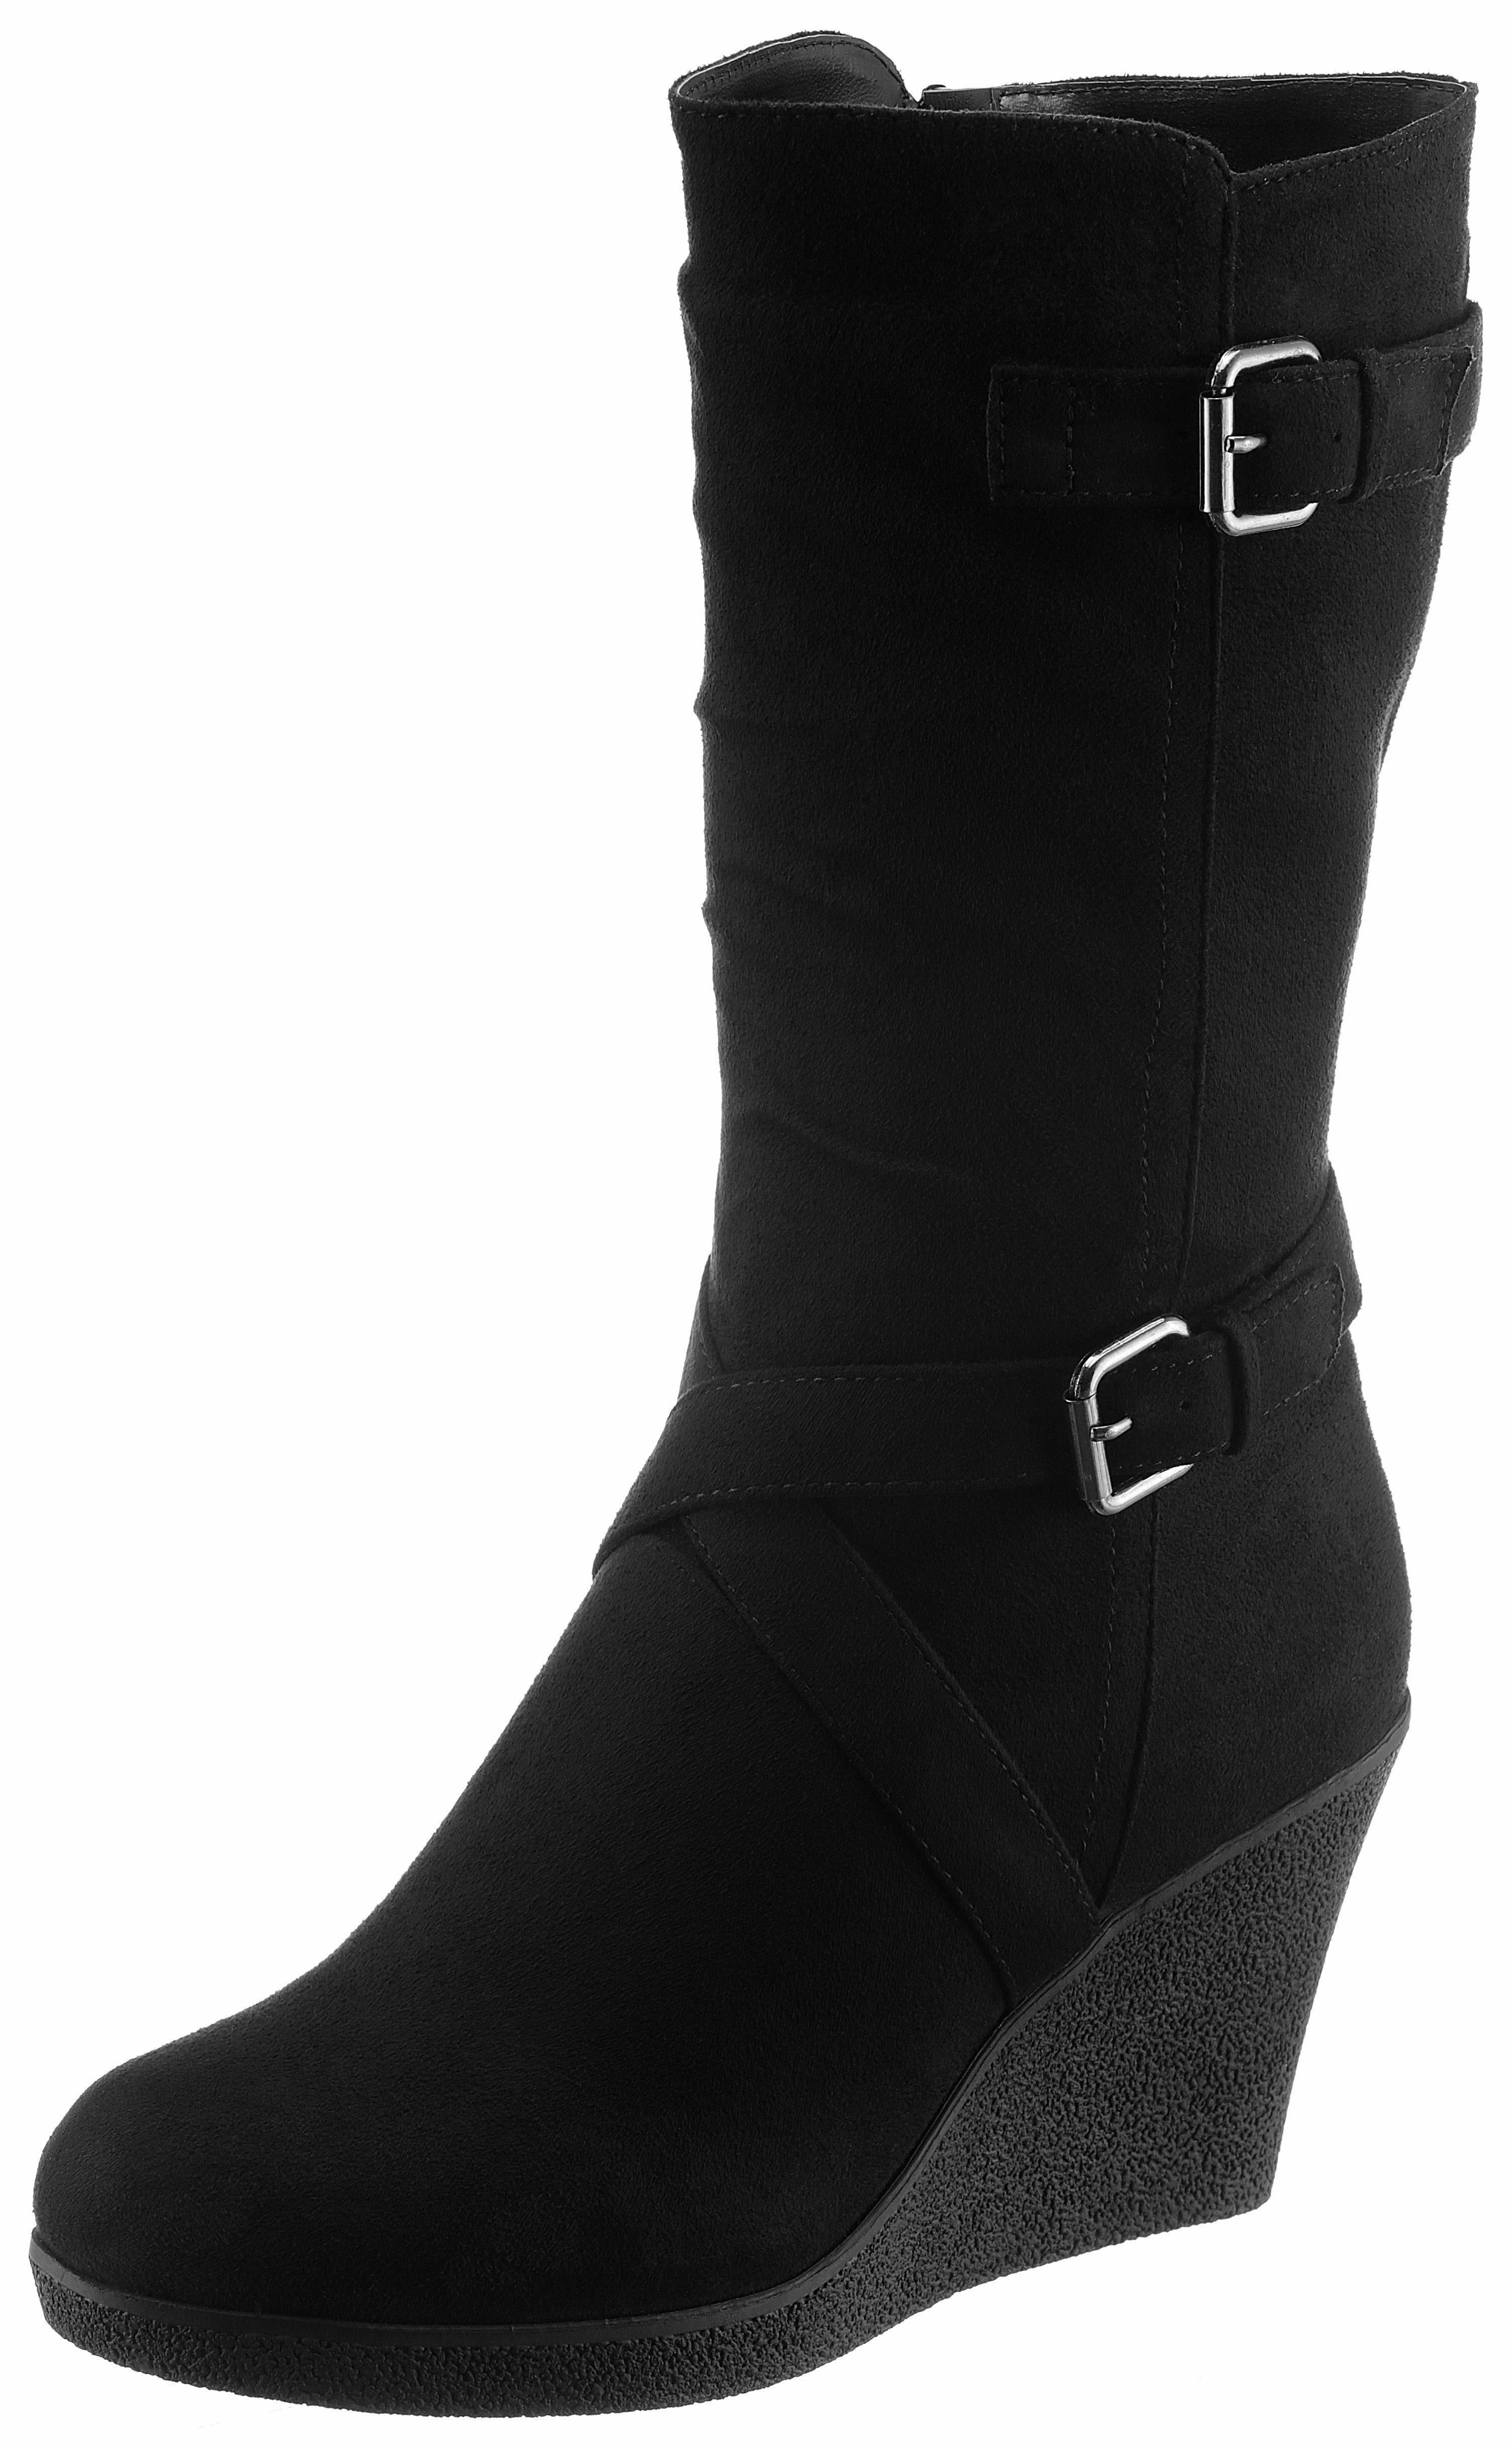 CITY WALK Stiefel in angesagter, runder Form | OTTO